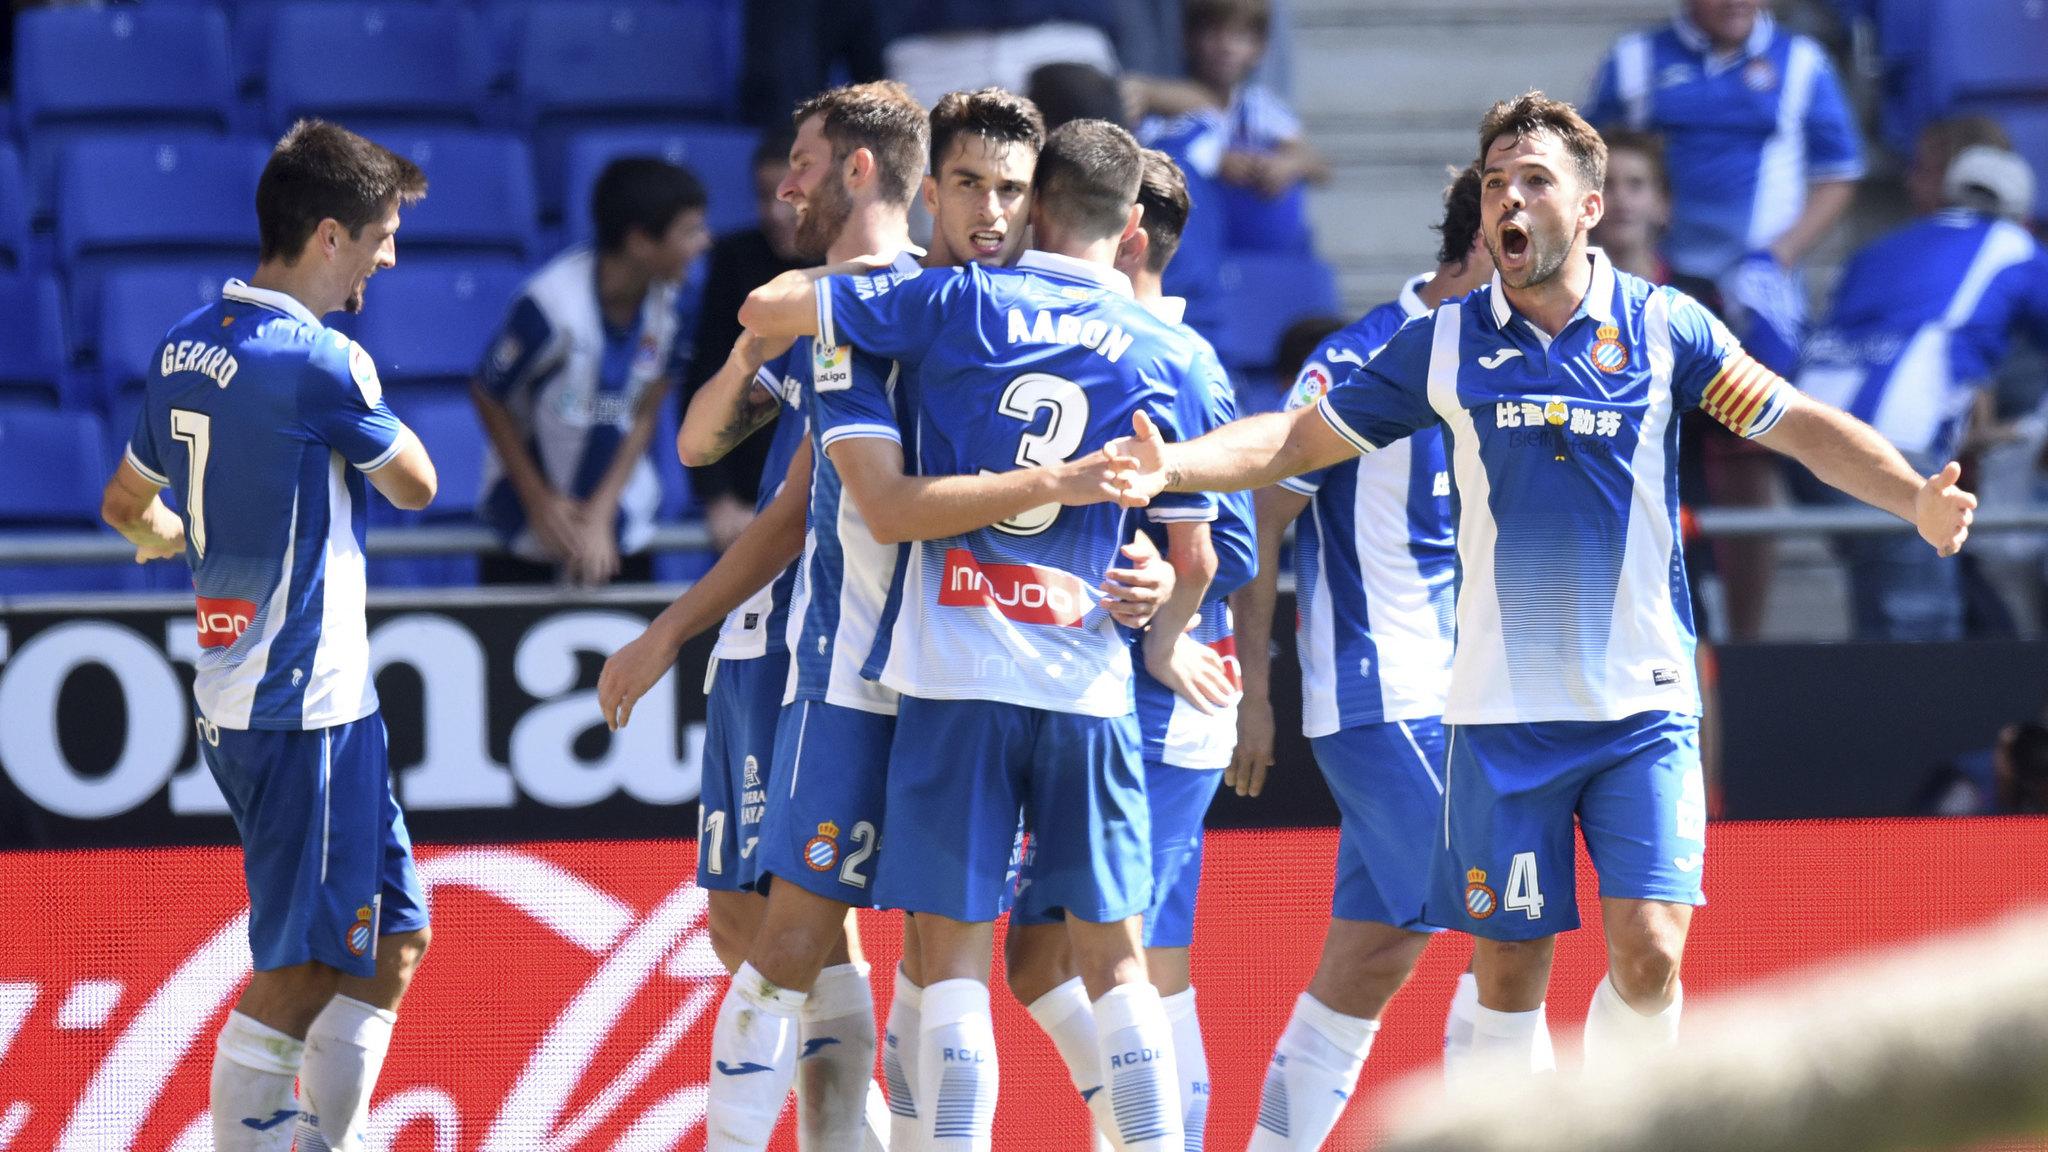 El Espanyol celebra un gol ante el Deportivo la Coruña